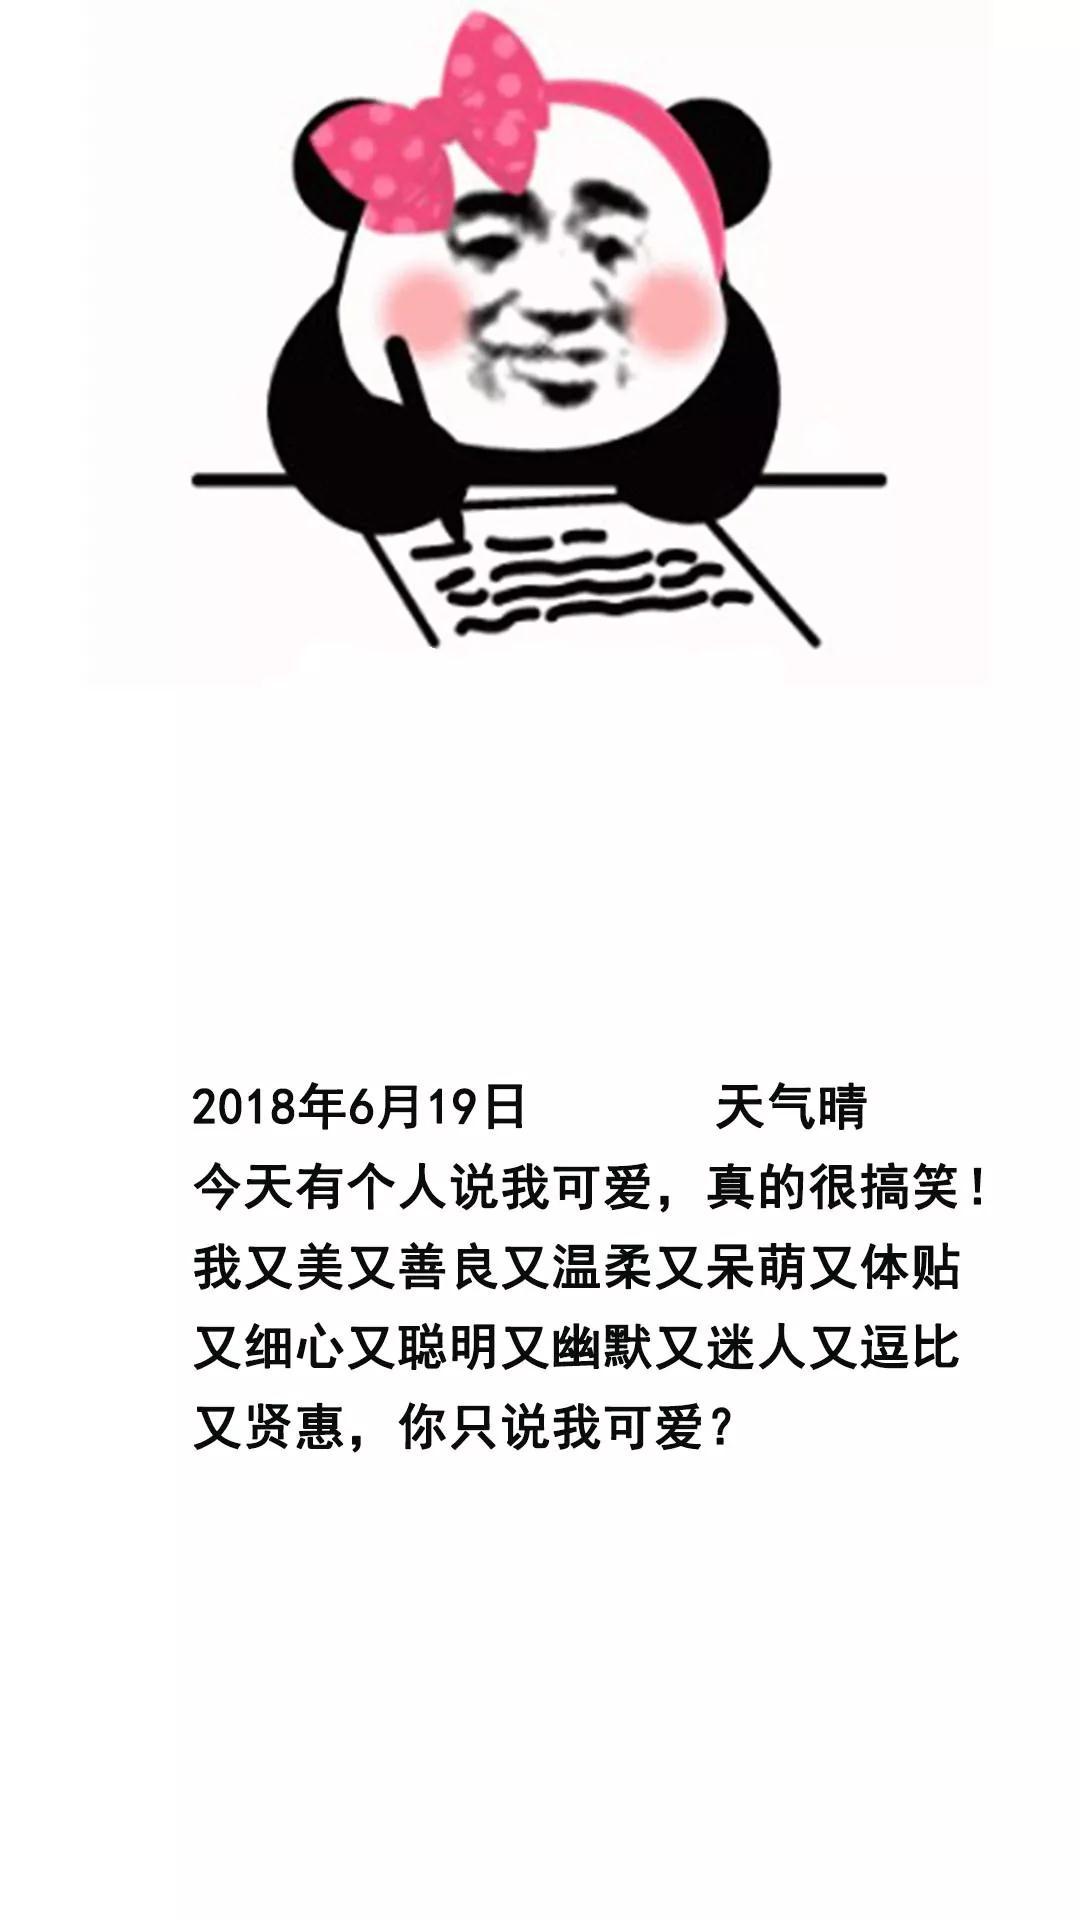 熊猫记笔记:2018年6月19日 天气晴 今天有个人说我可爱,真的很搞笑.....表情图片